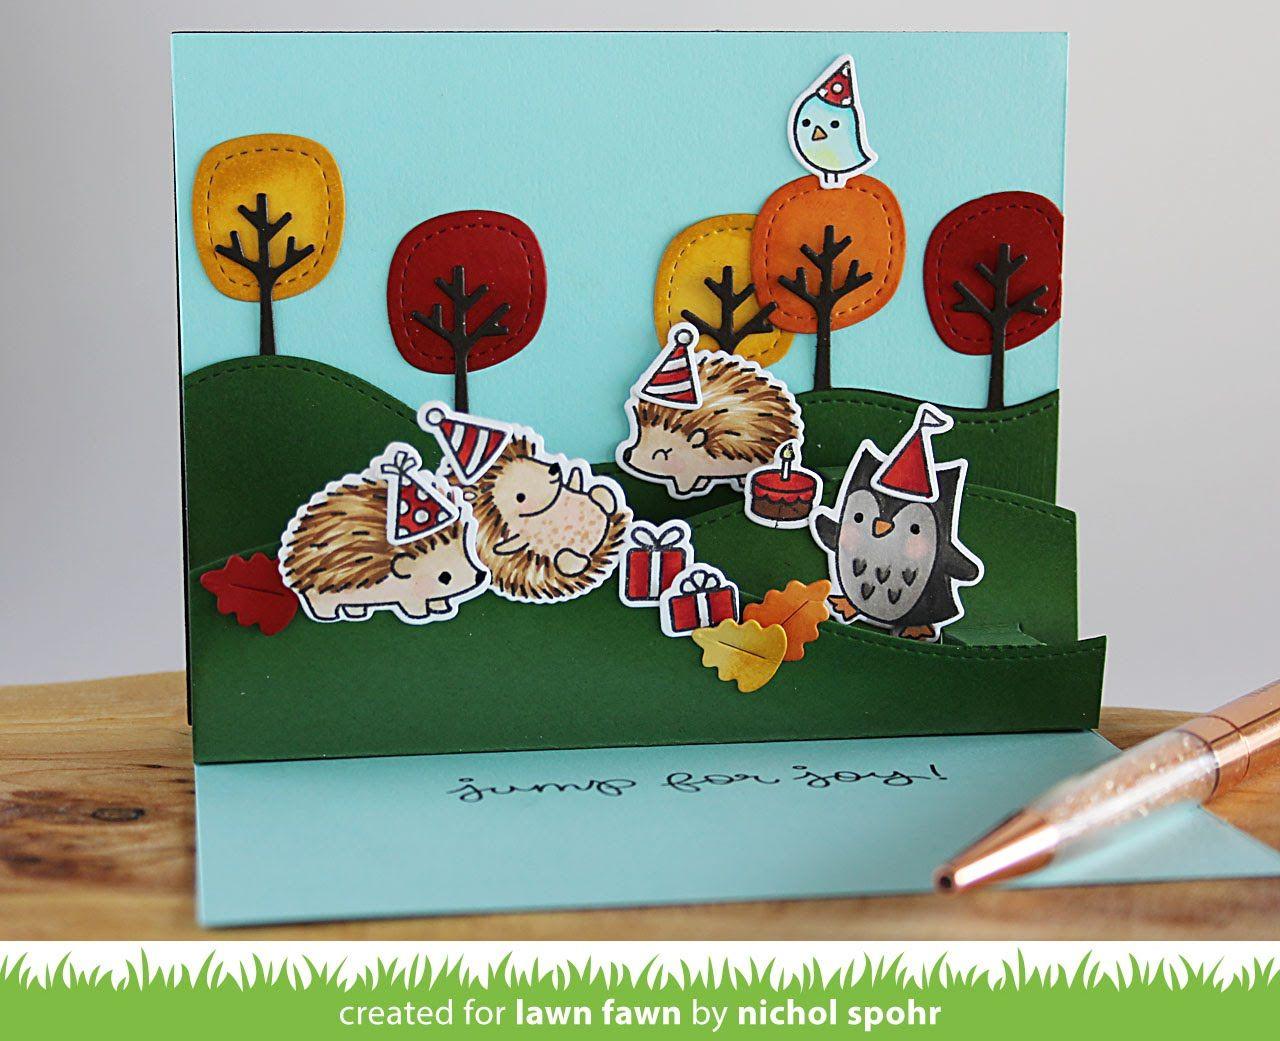 Stitched hillside pop ups birthday card lawn fawn כרטיסים